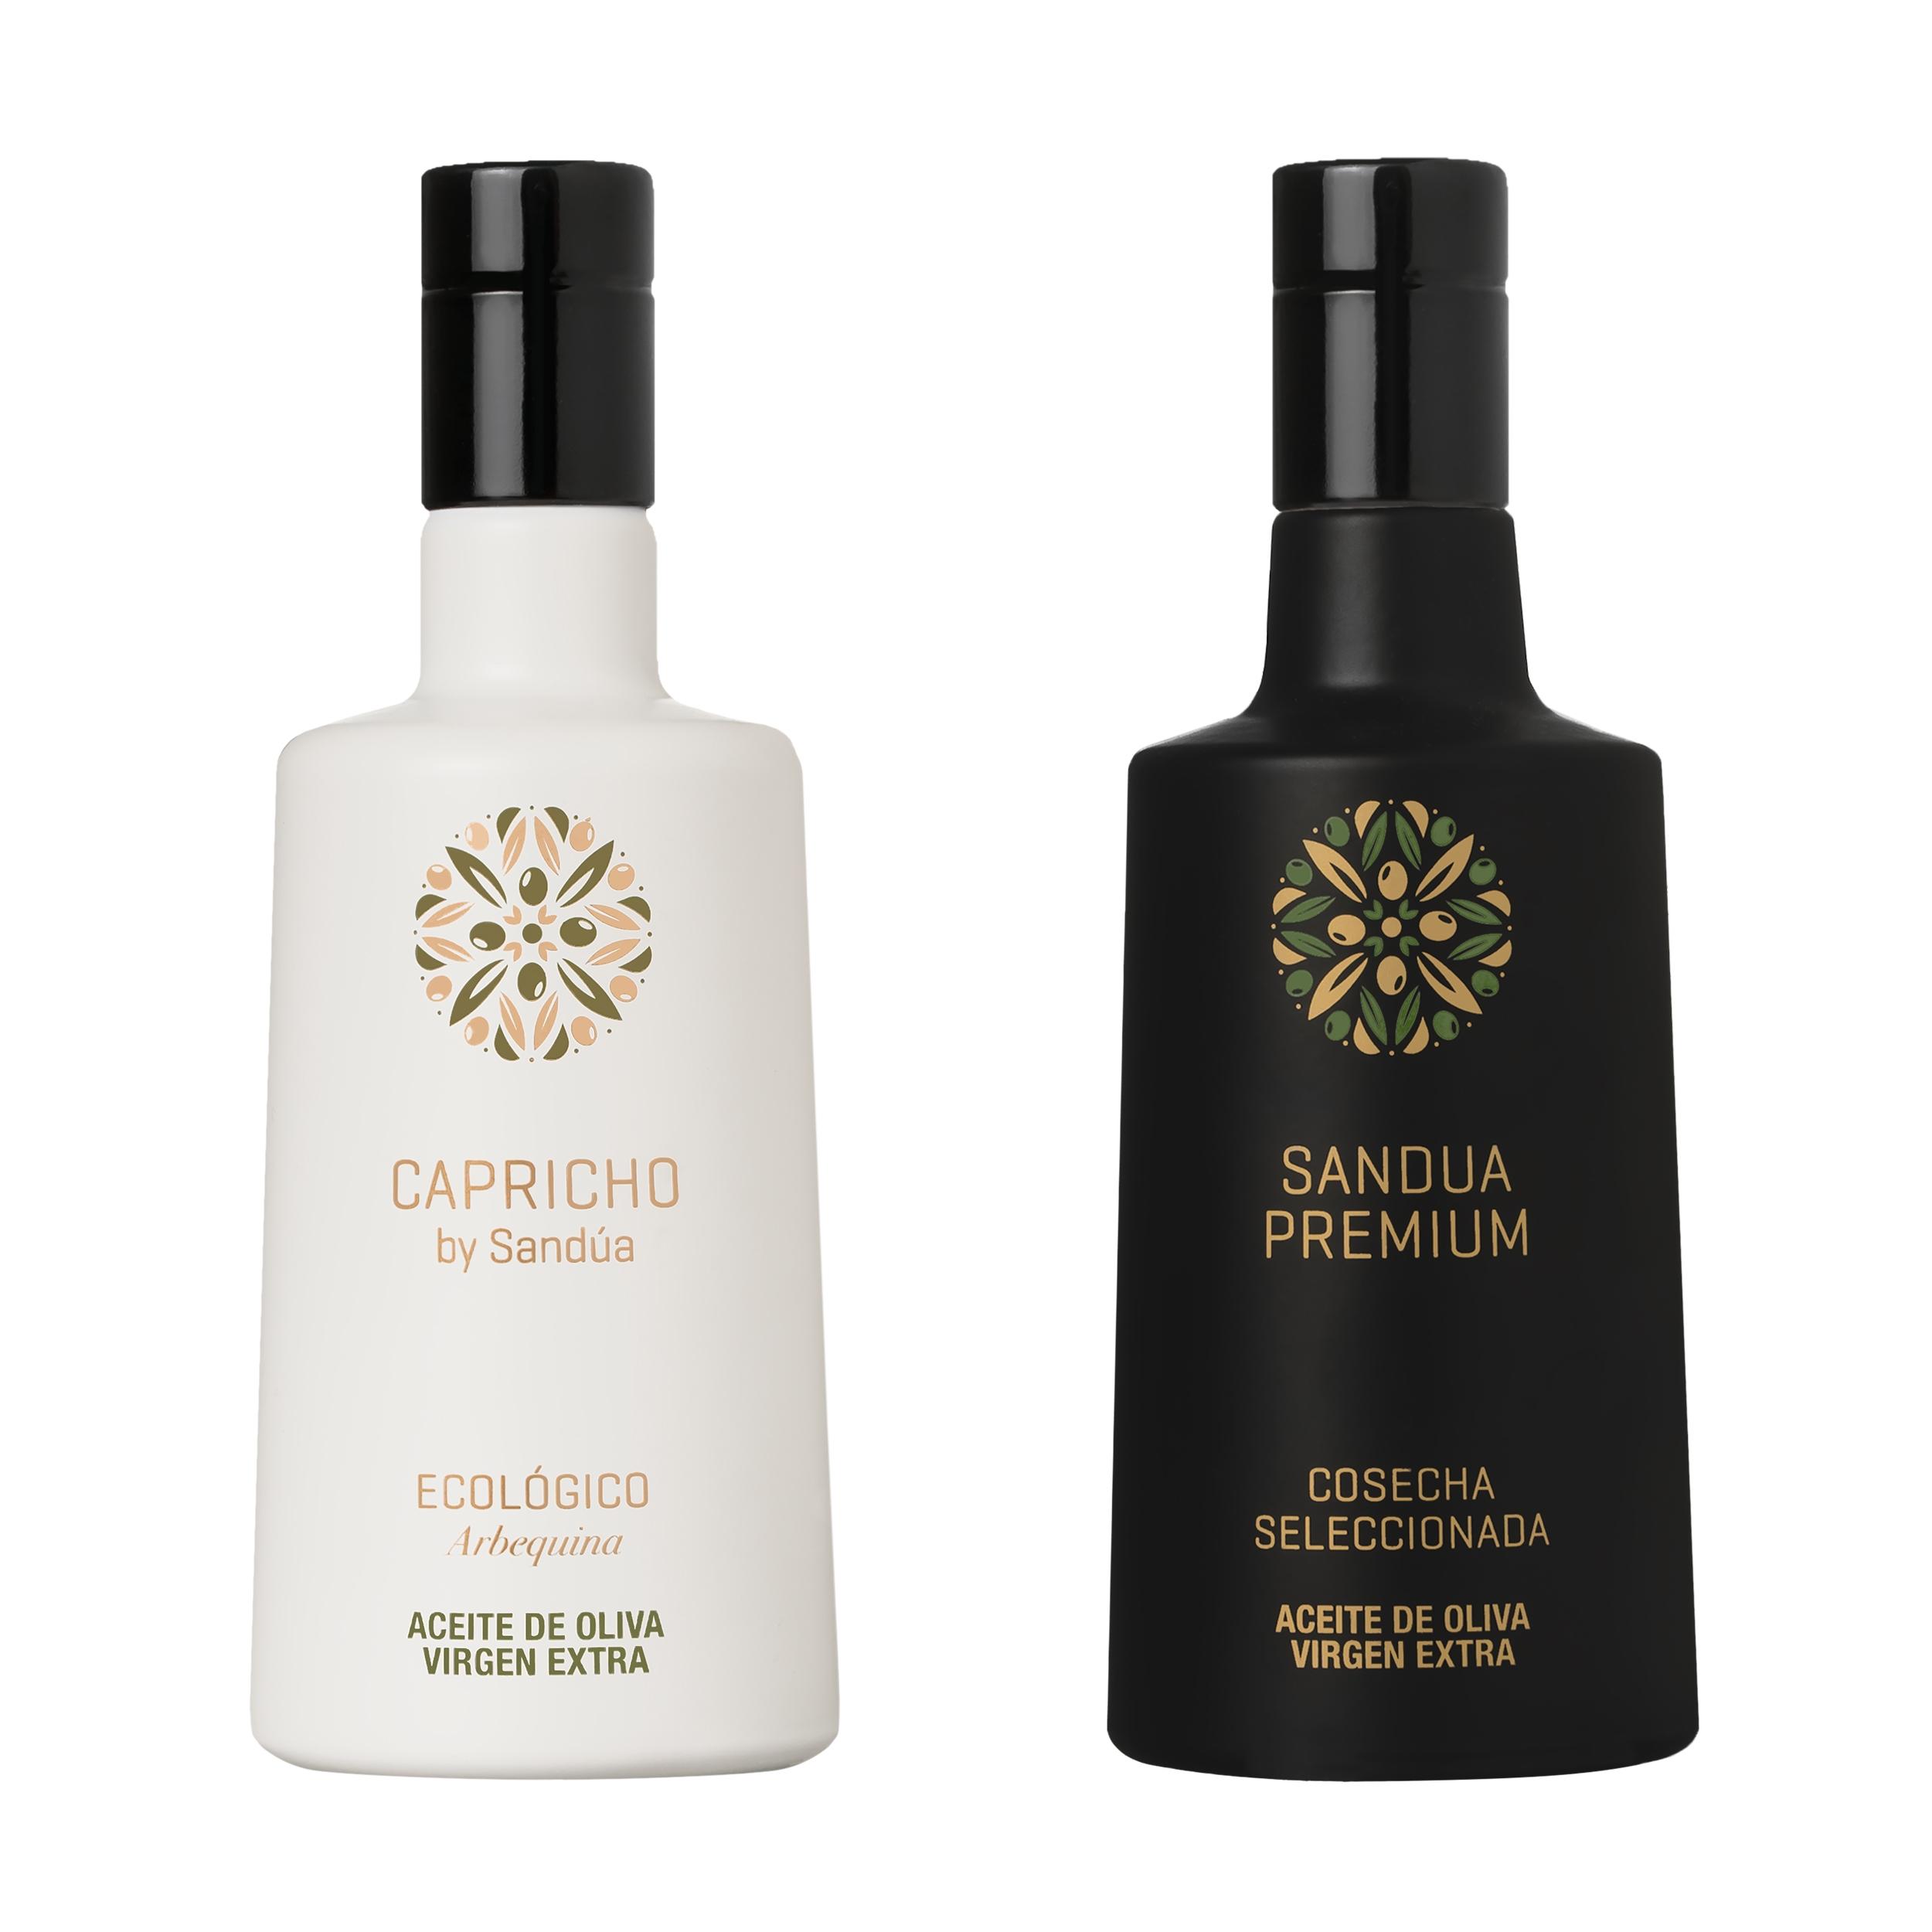 Sandua lance deux nouvelles huiles de qualité supérieure